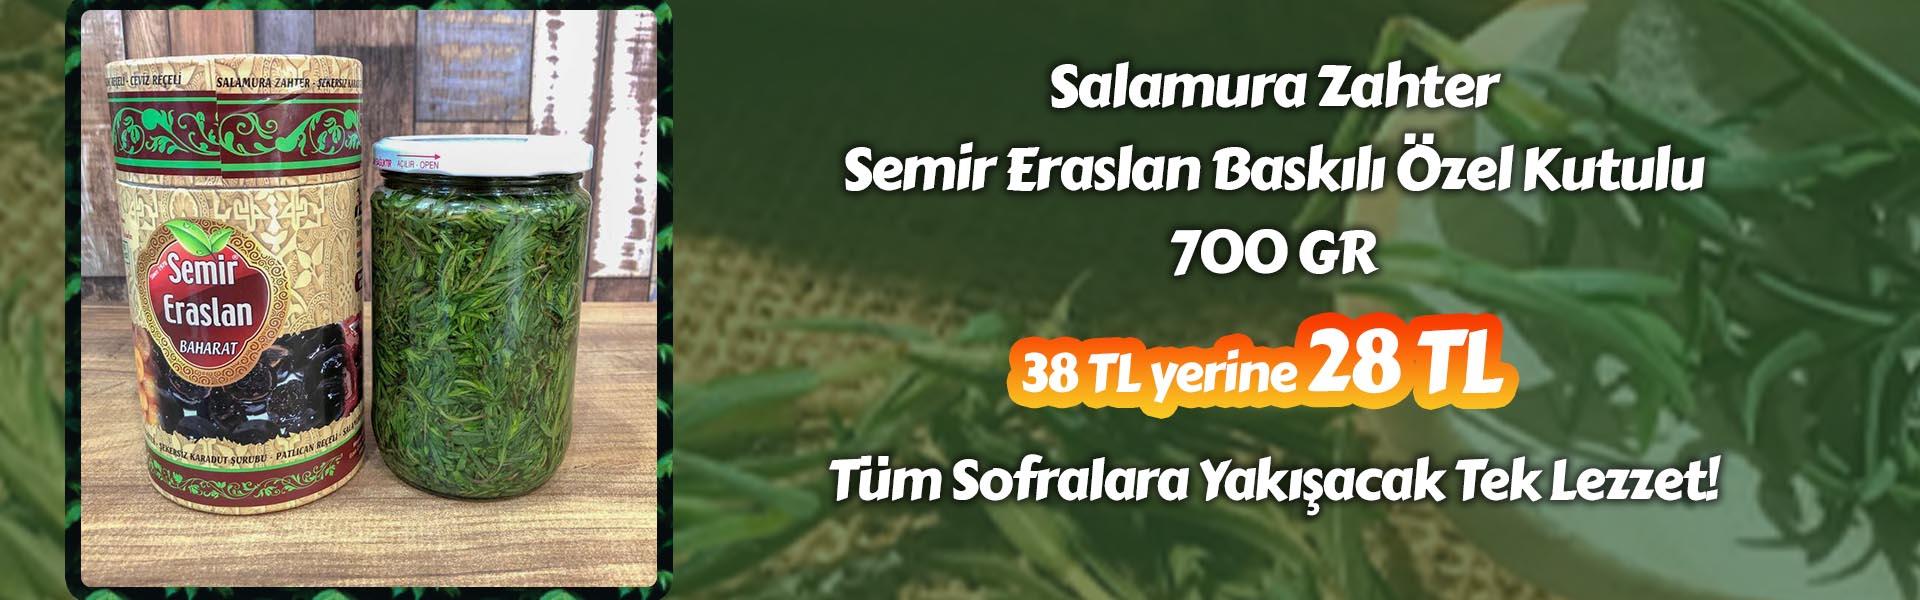 Salamura Zahter